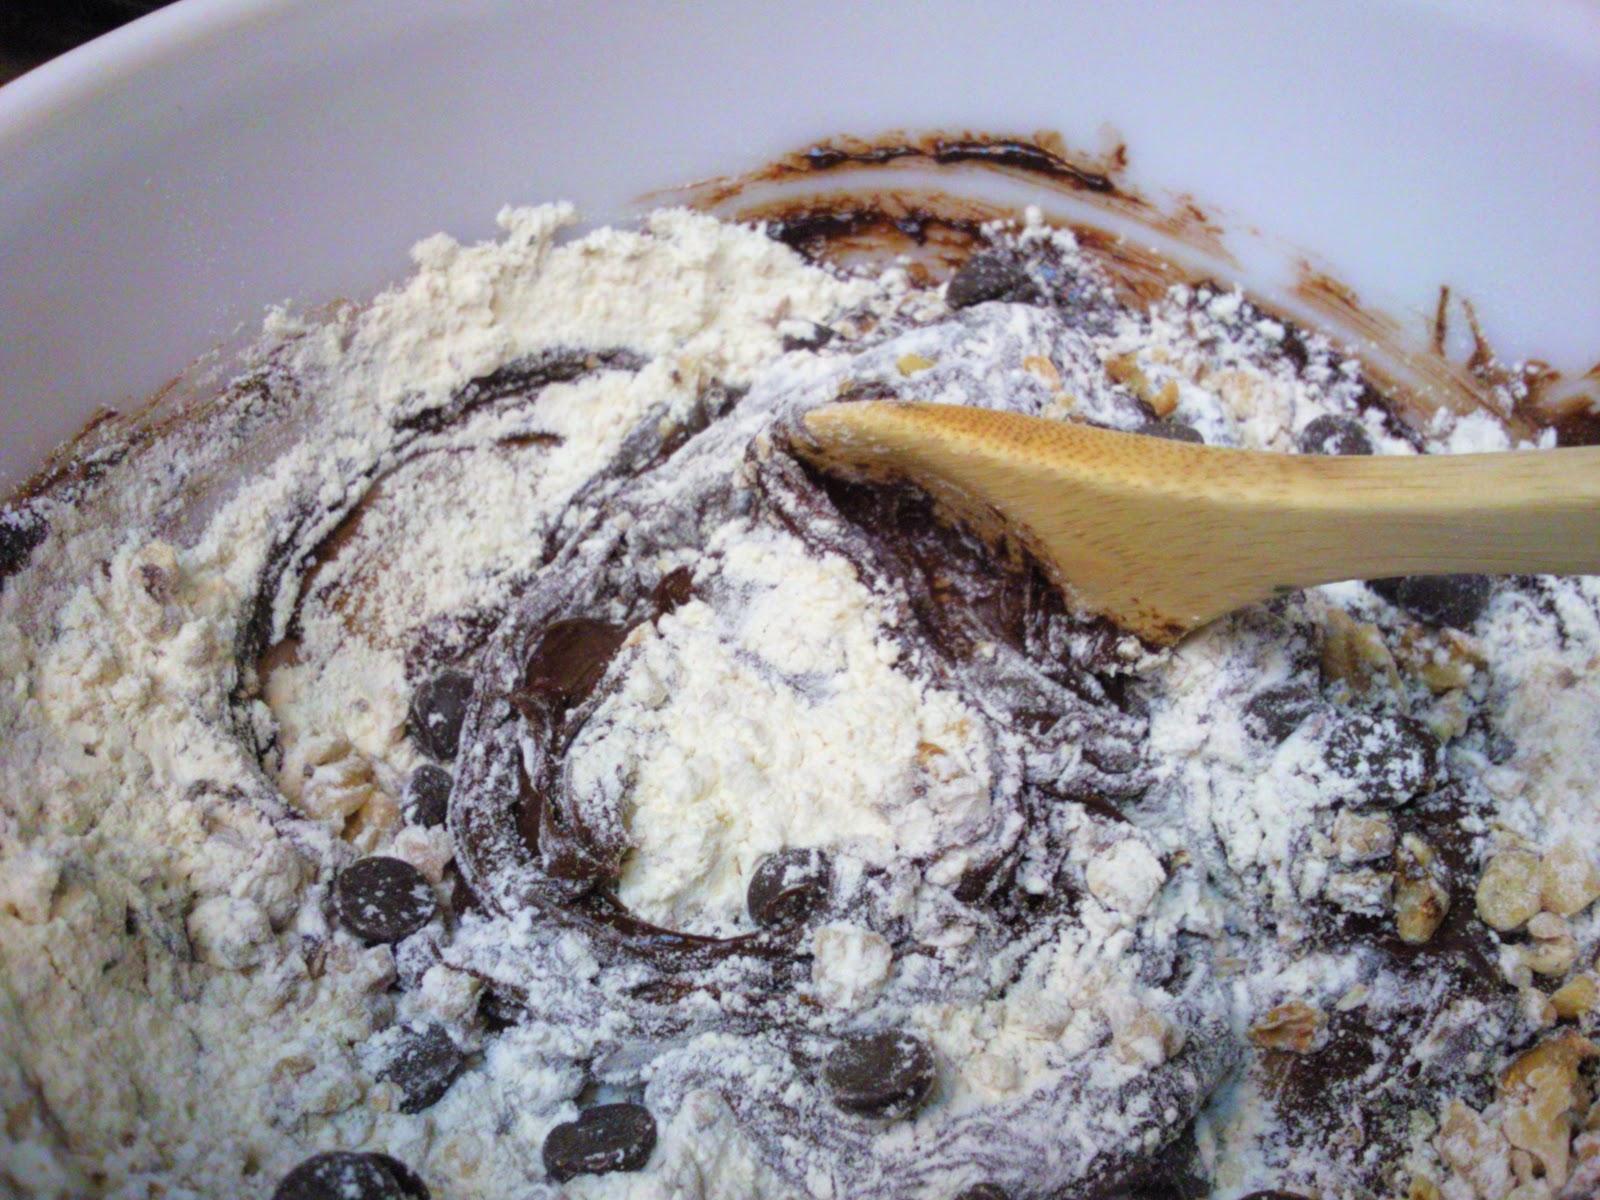 CJ's Kitchen: Ghirardelli Chocolate Truffle Cookies with Sea Salt